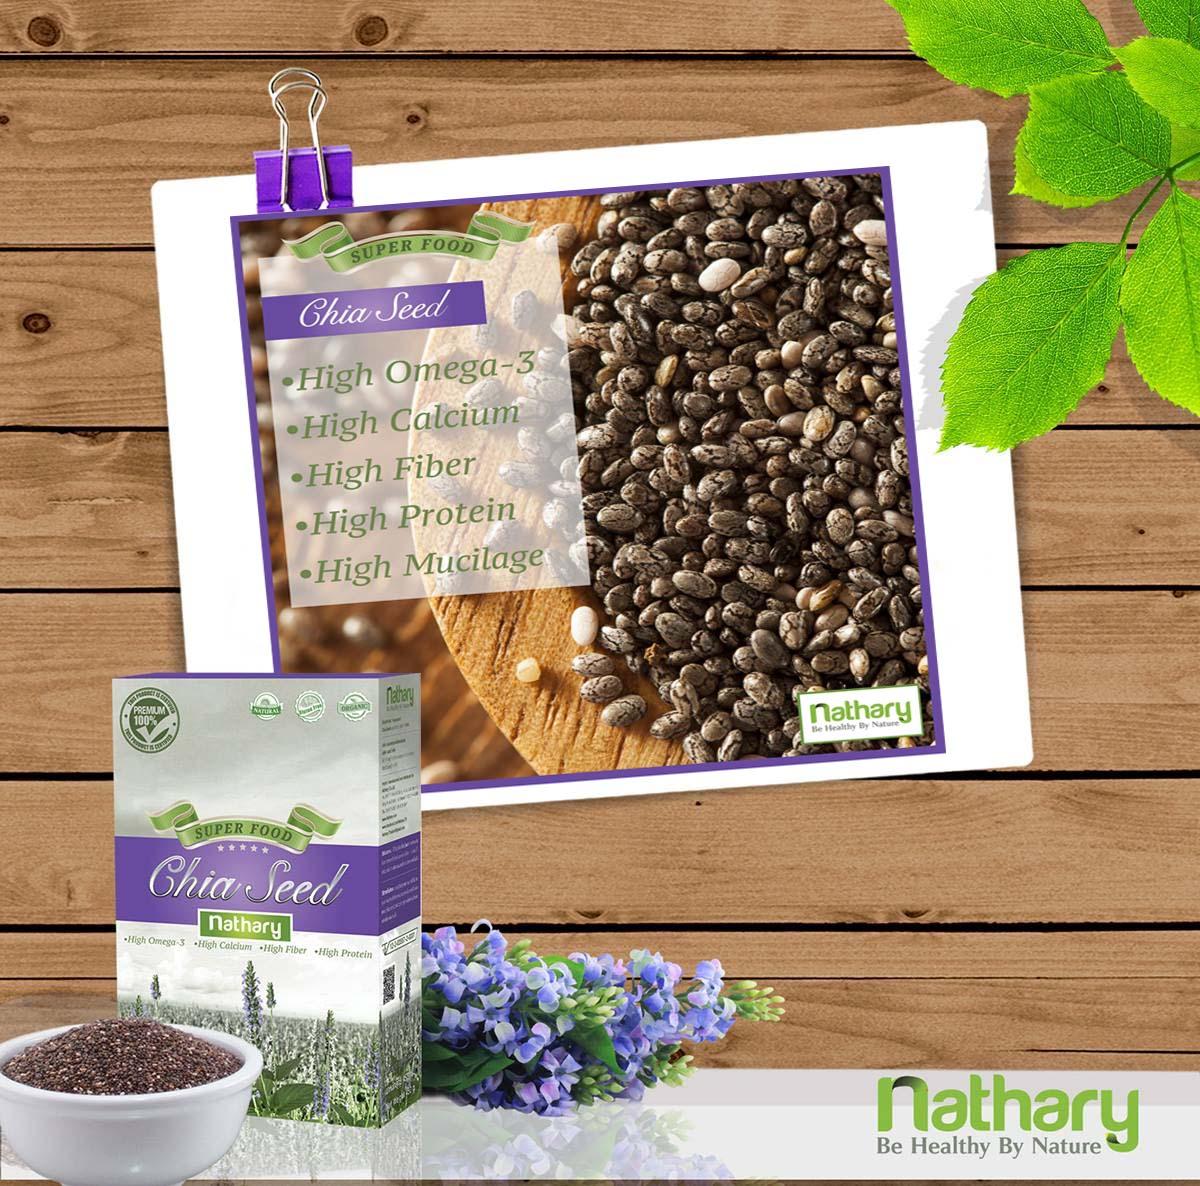 Chia Seed Nathary เมล็ดเจียหรือเมล็ดเซีย อาหารเสริมสุขภาพ ของแท้ ราคาถูก ปลีก/ส่ง โทร 089-778-7338-088-222-4622 เอจ